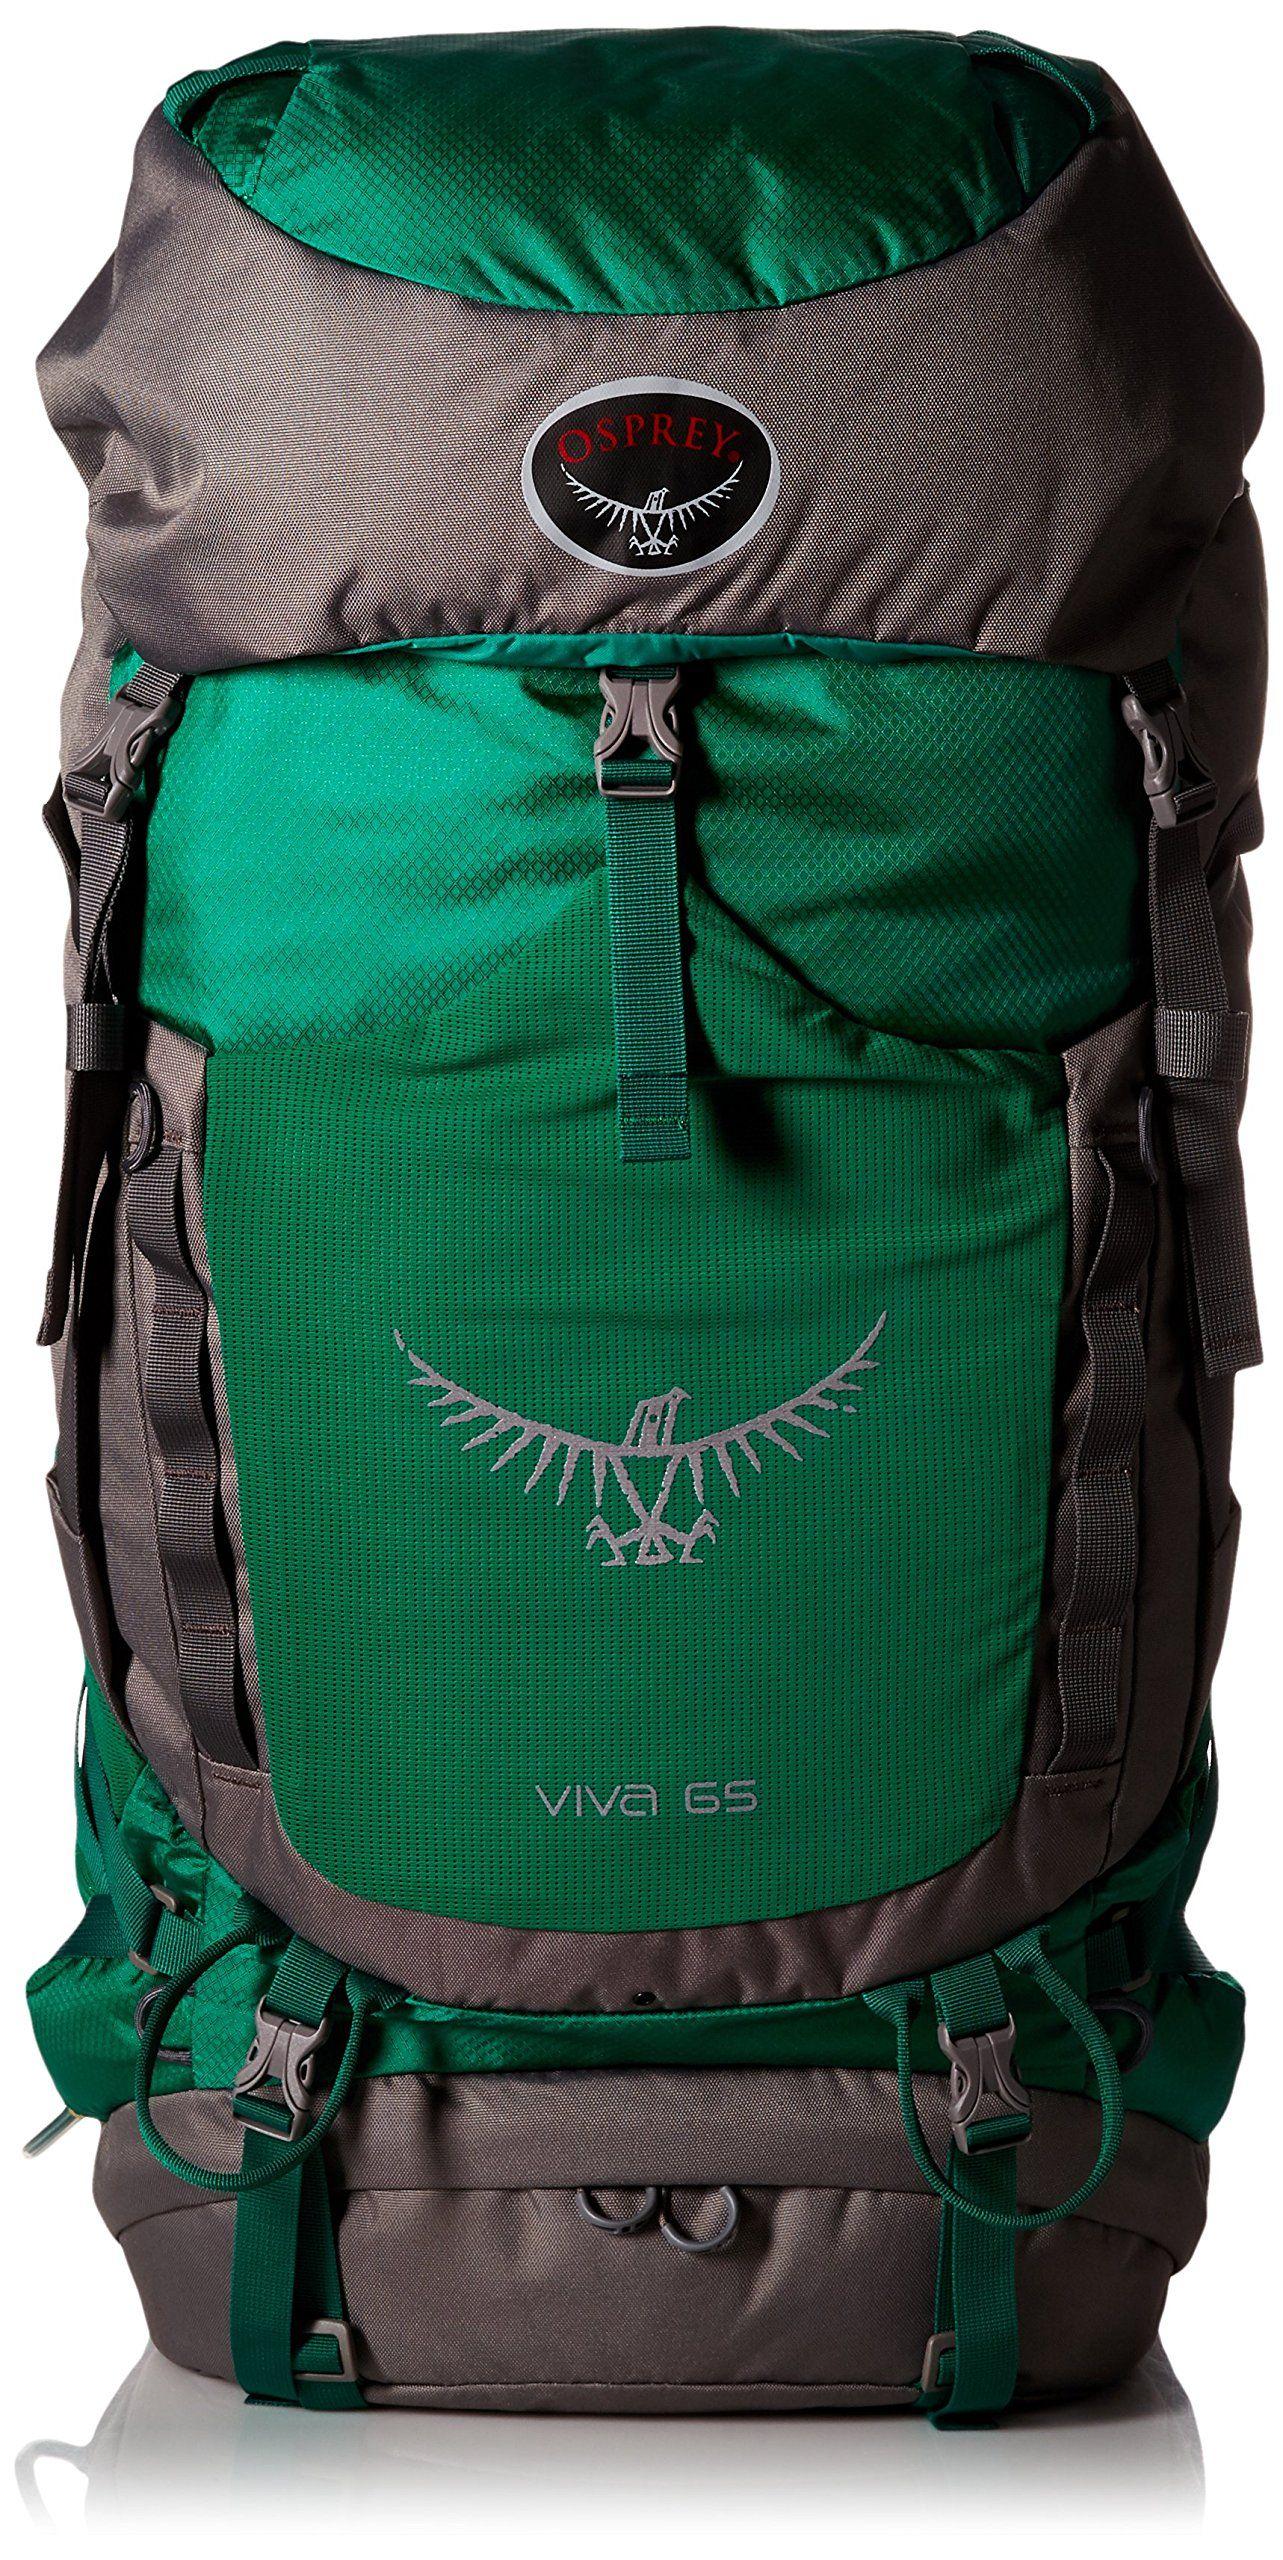 Osprey womens leather gloves - Osprey Packs Women S Viva 65 Backpack Sea Green